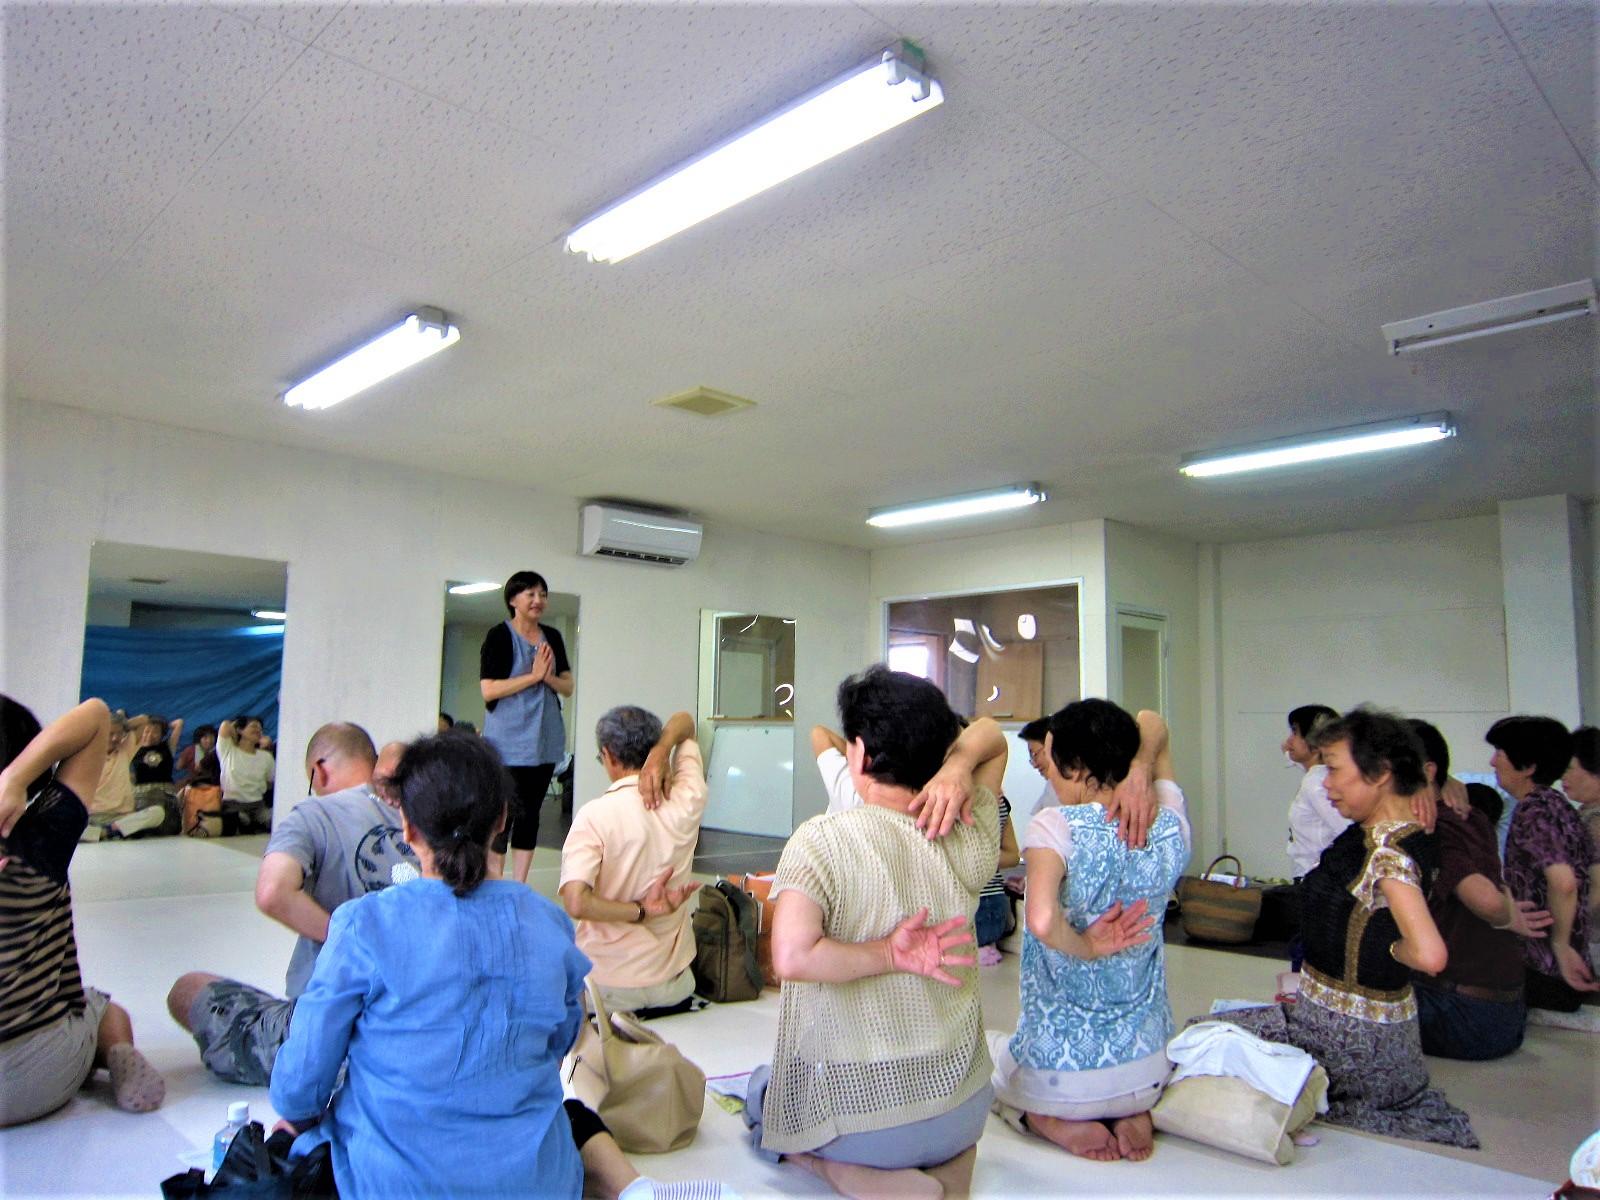 富山市の注文住宅レモンホームでのヨガ教室